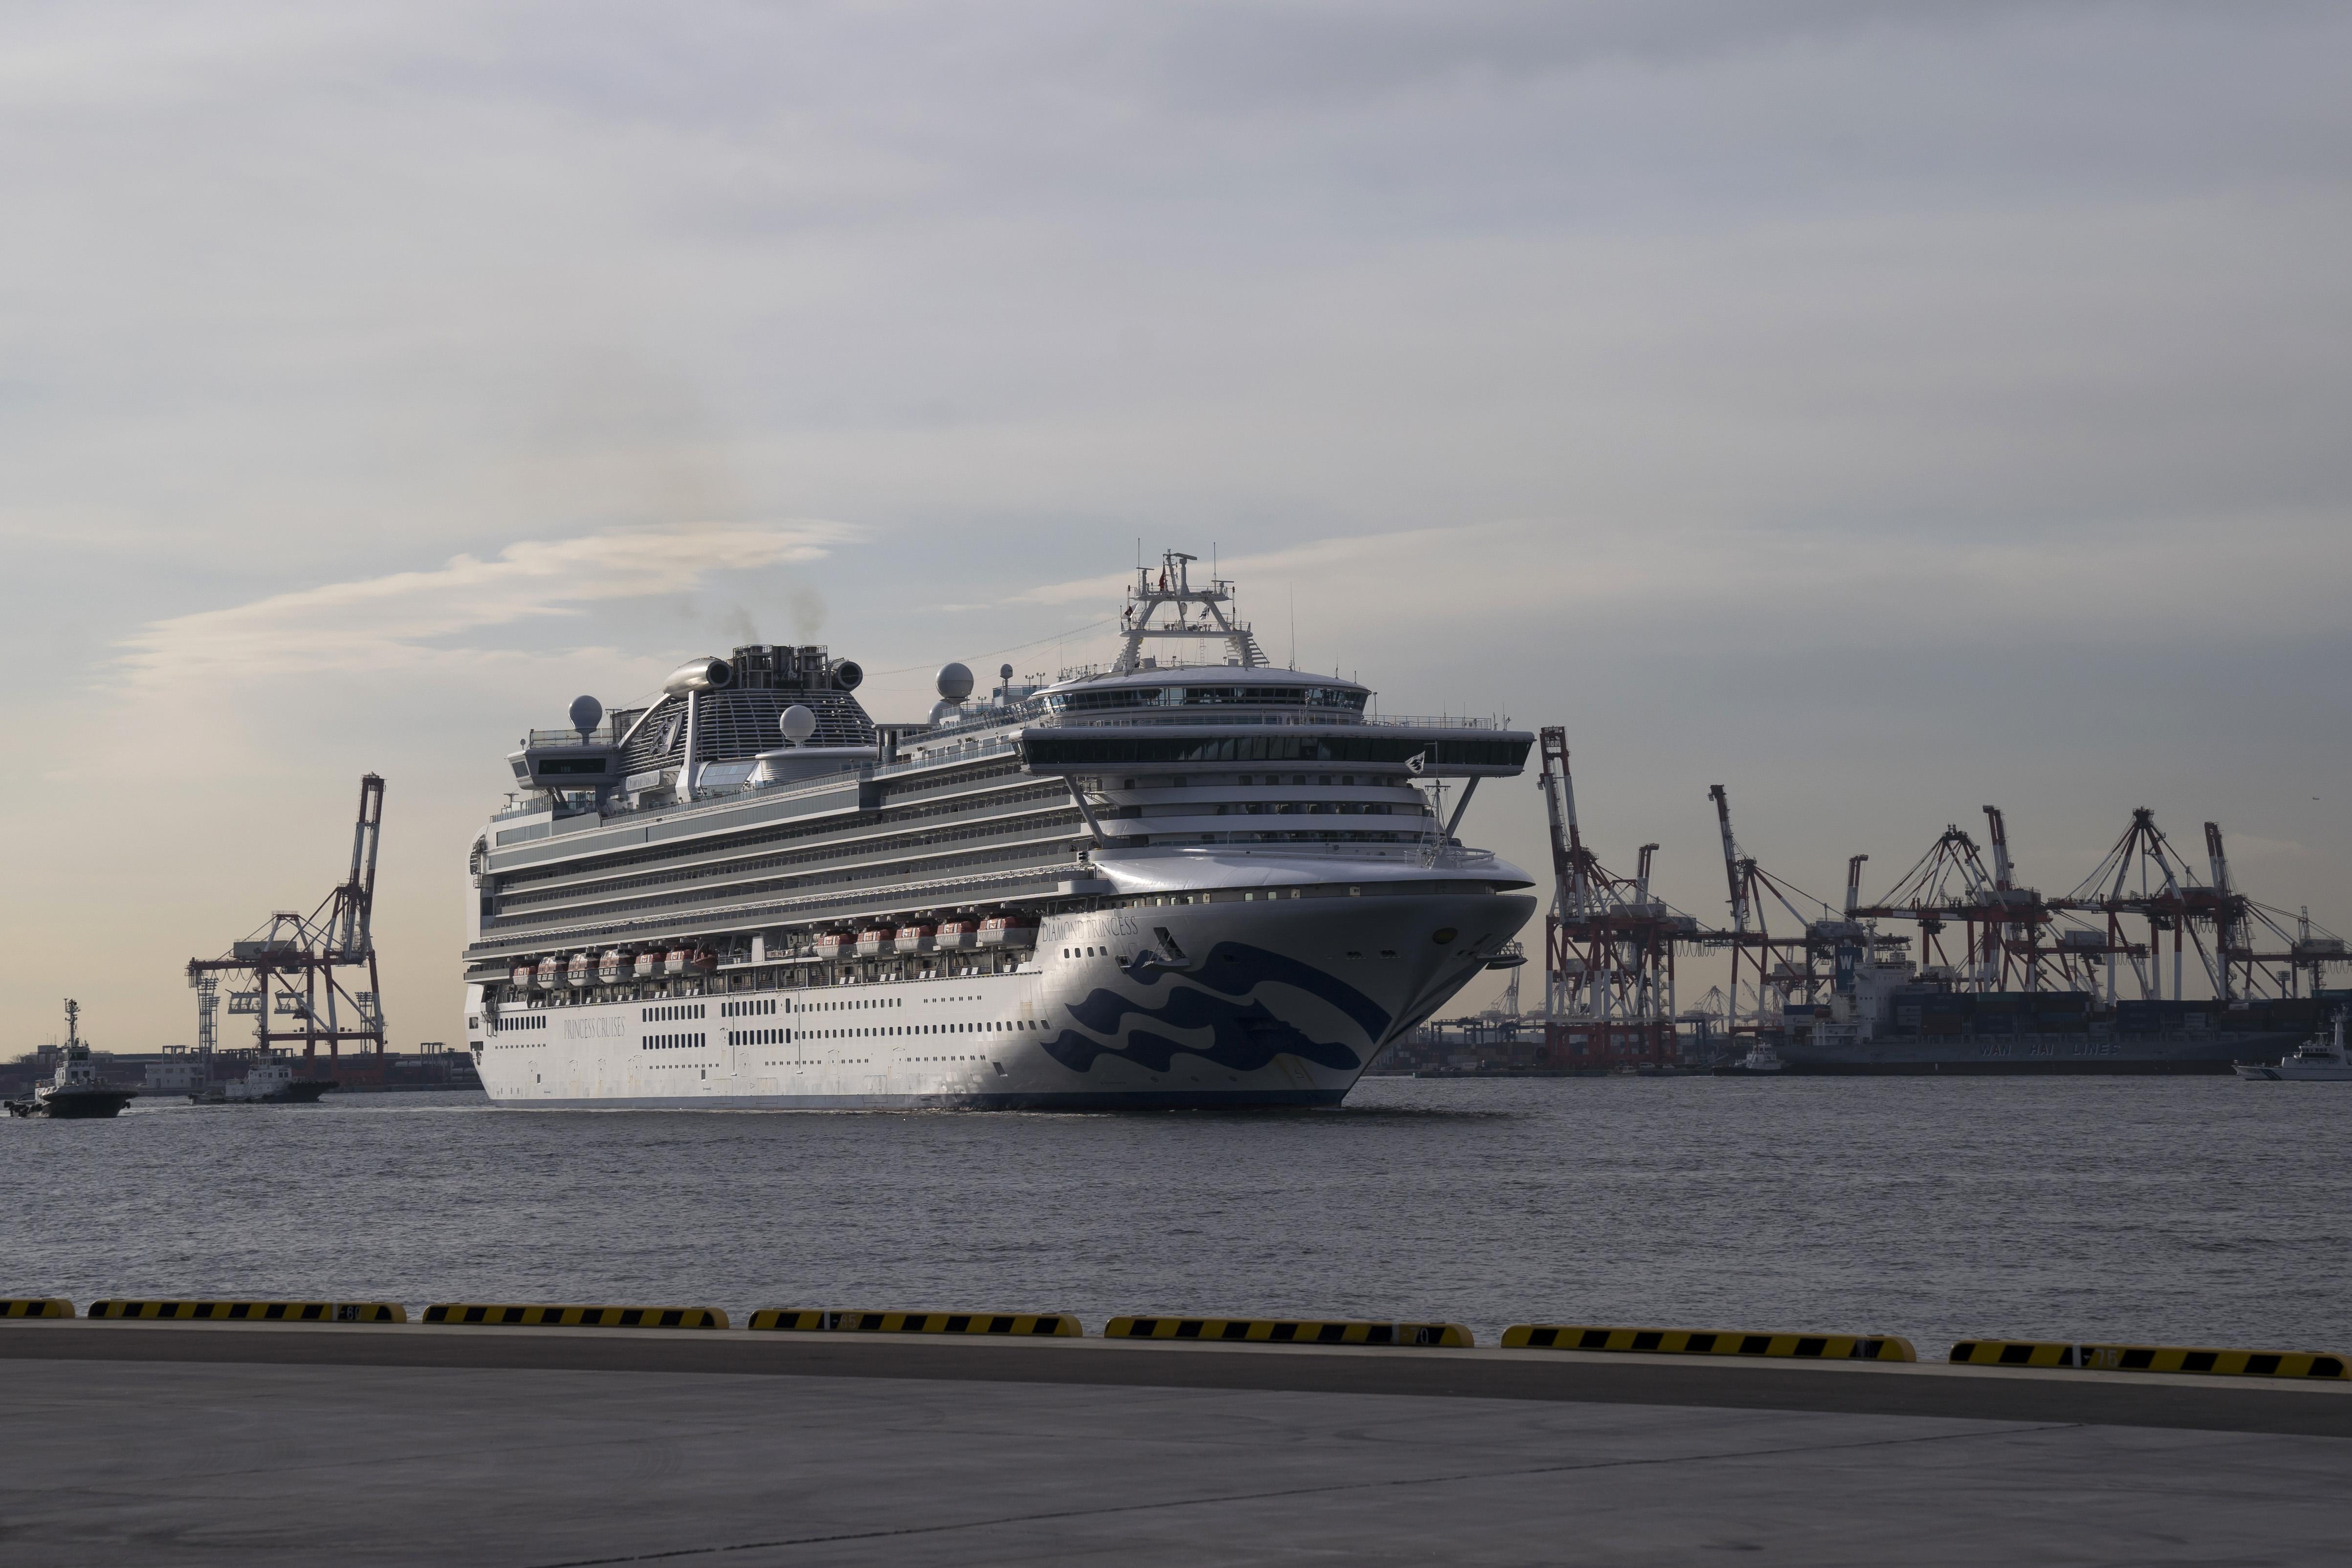 The Diamond Princess cruise ship on Wednesday in Yokohama, Japan.